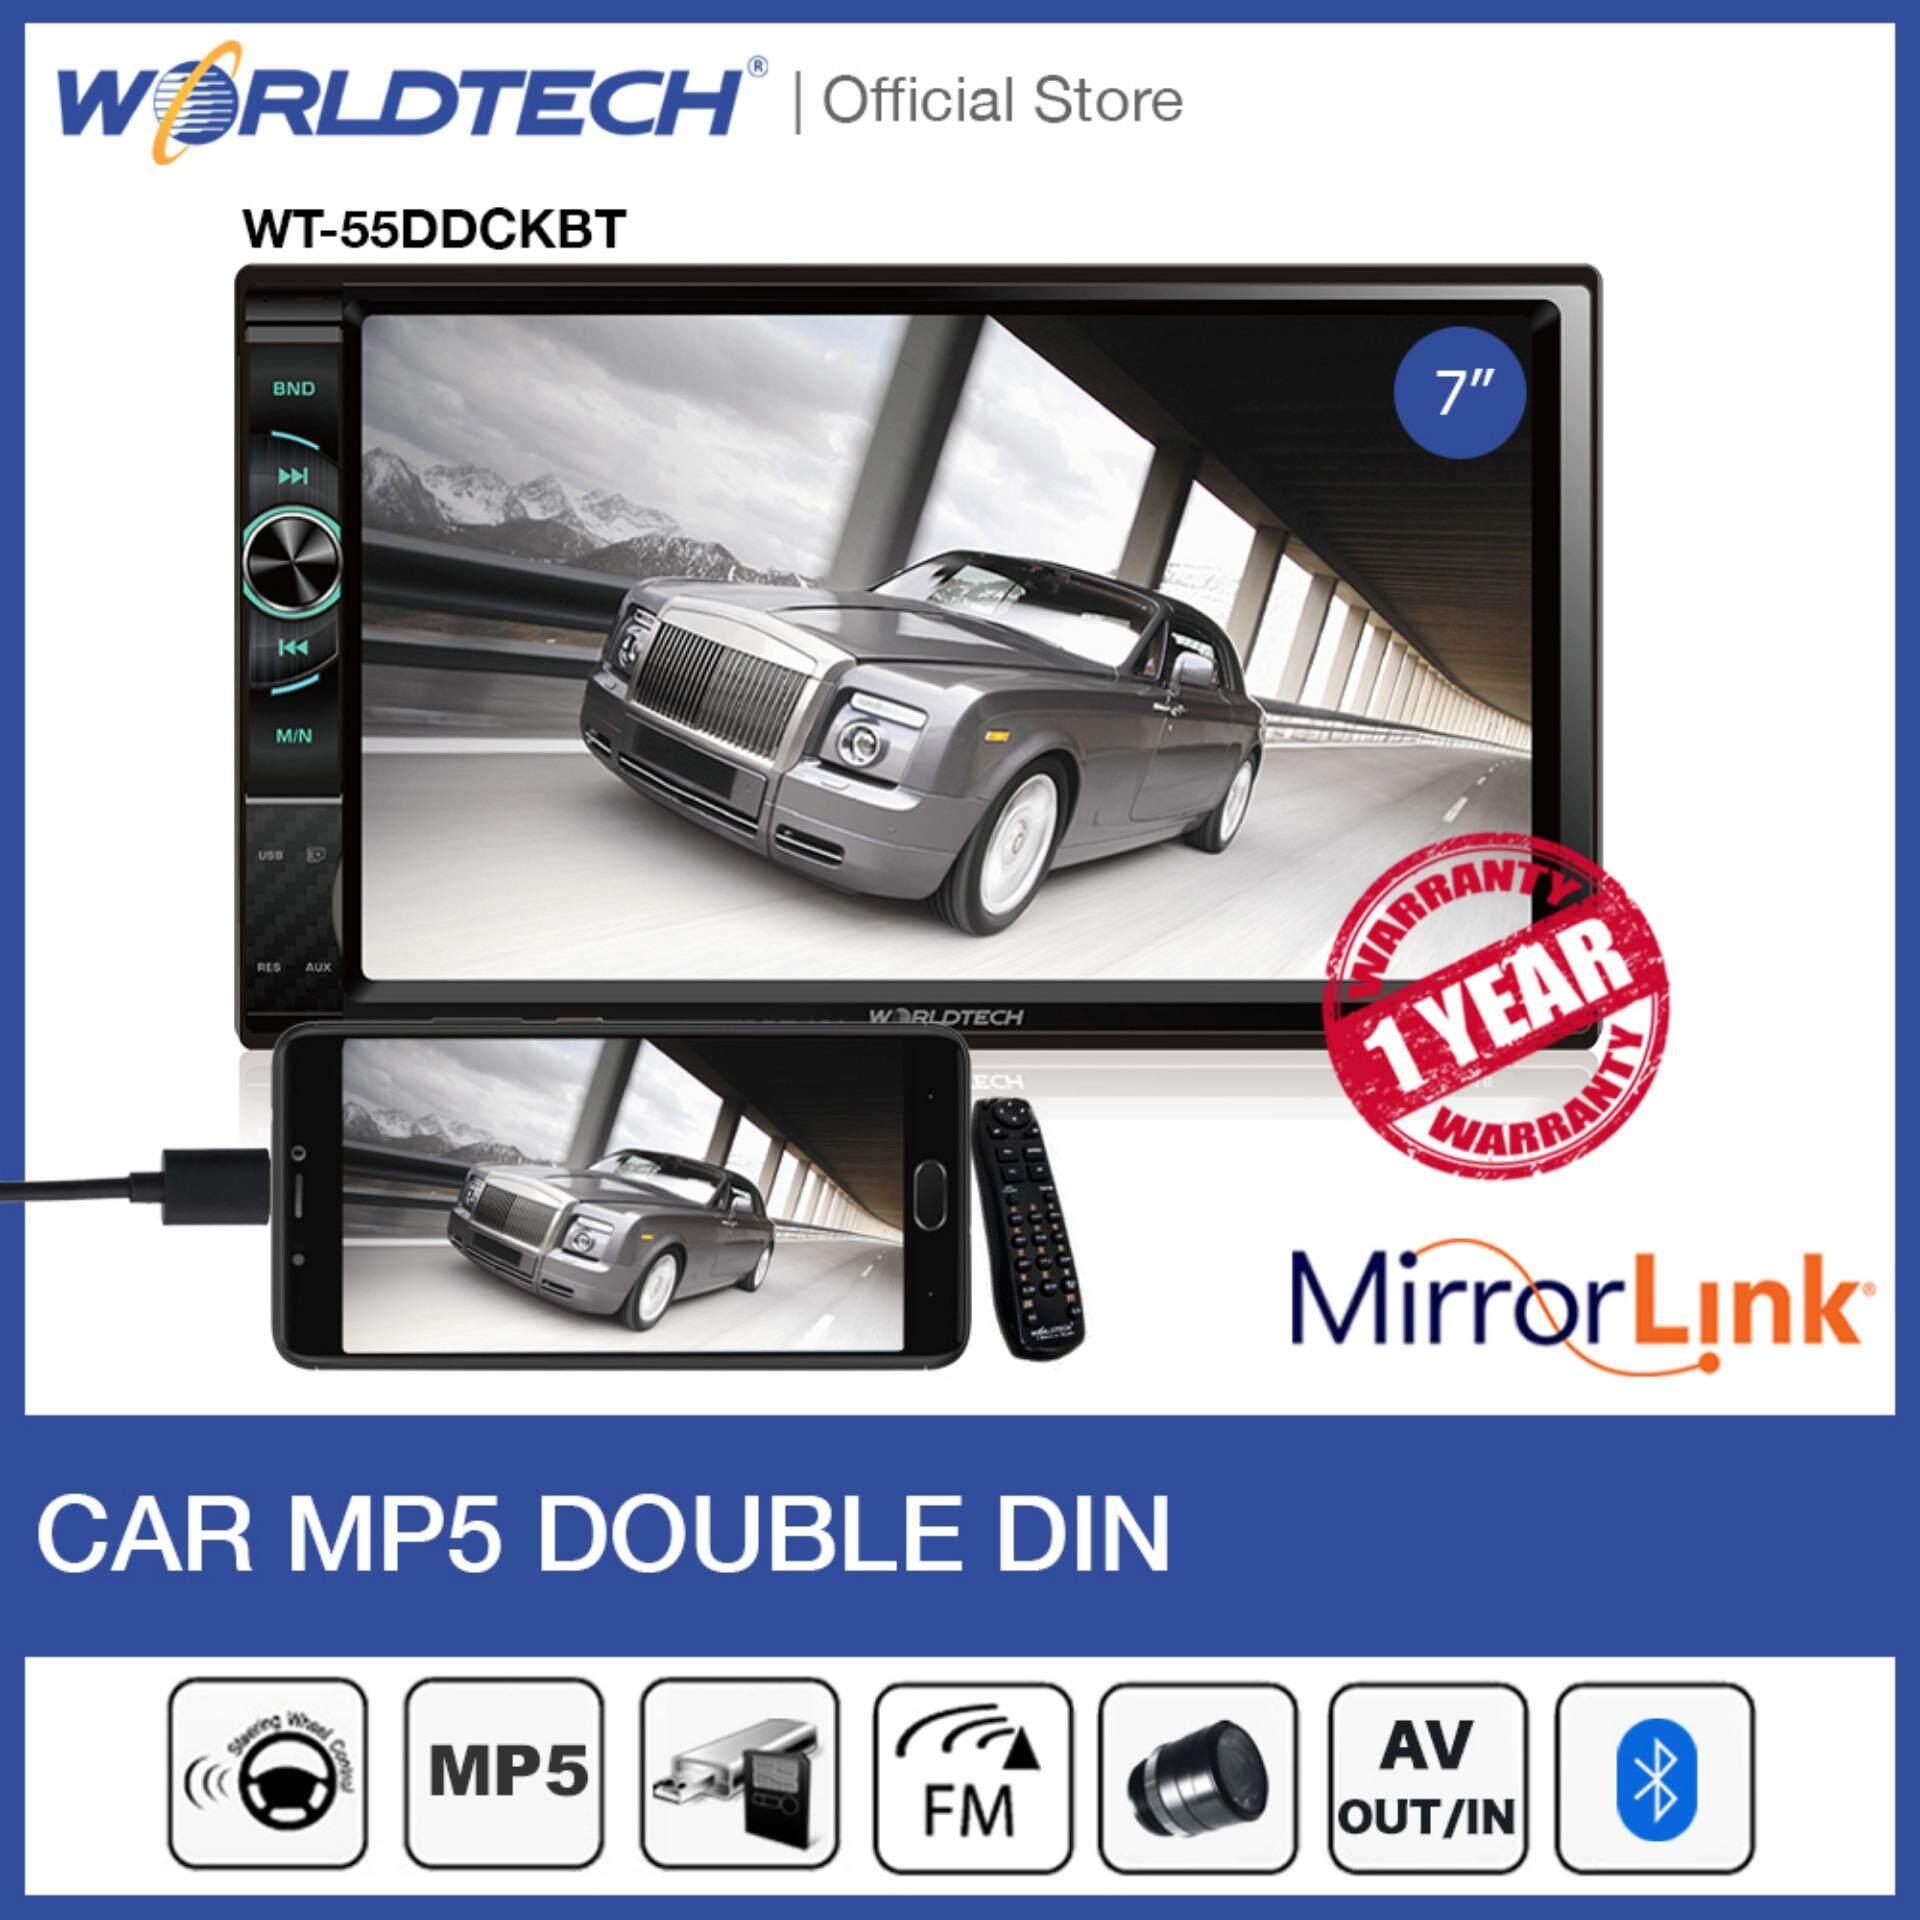 Car Video78629 ค้นพบสินค้าใน รถยนต์ Videoเรียงตาม:ความเป็นที่นิยมจำนวนคนดู: